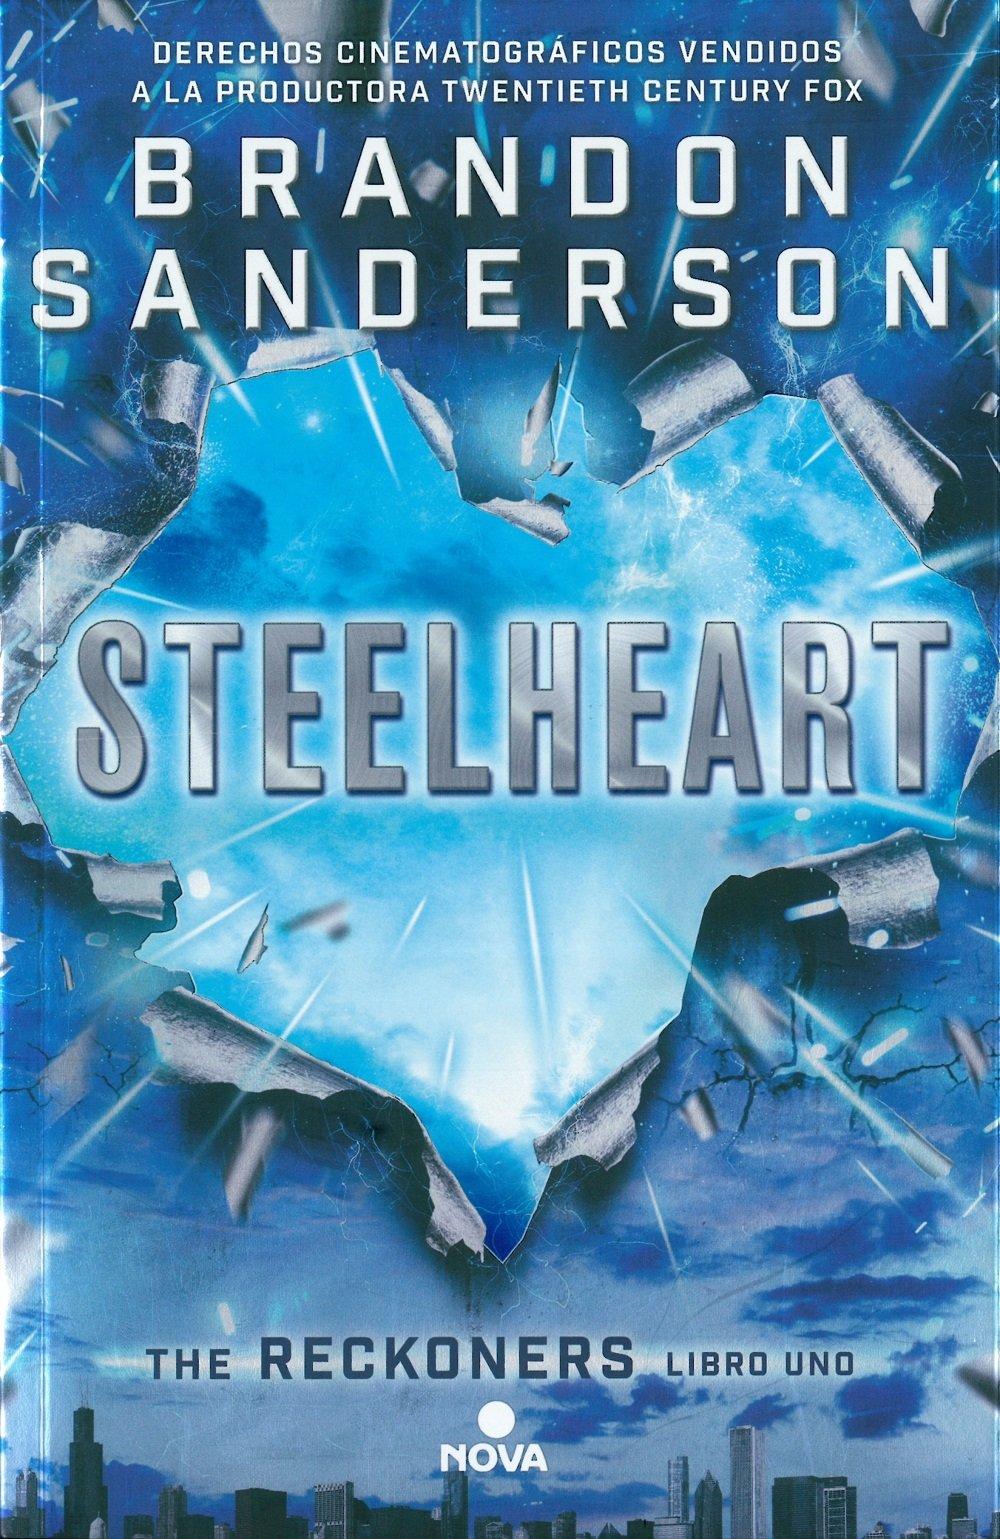 Steelheart (Trilogía de los Reckoners 1) (Nova) Tapa blanda – 7 ene 2016 Brandon Sanderson 8466658351 FICTION / Dystopian FICTION / Fantasy / Epic